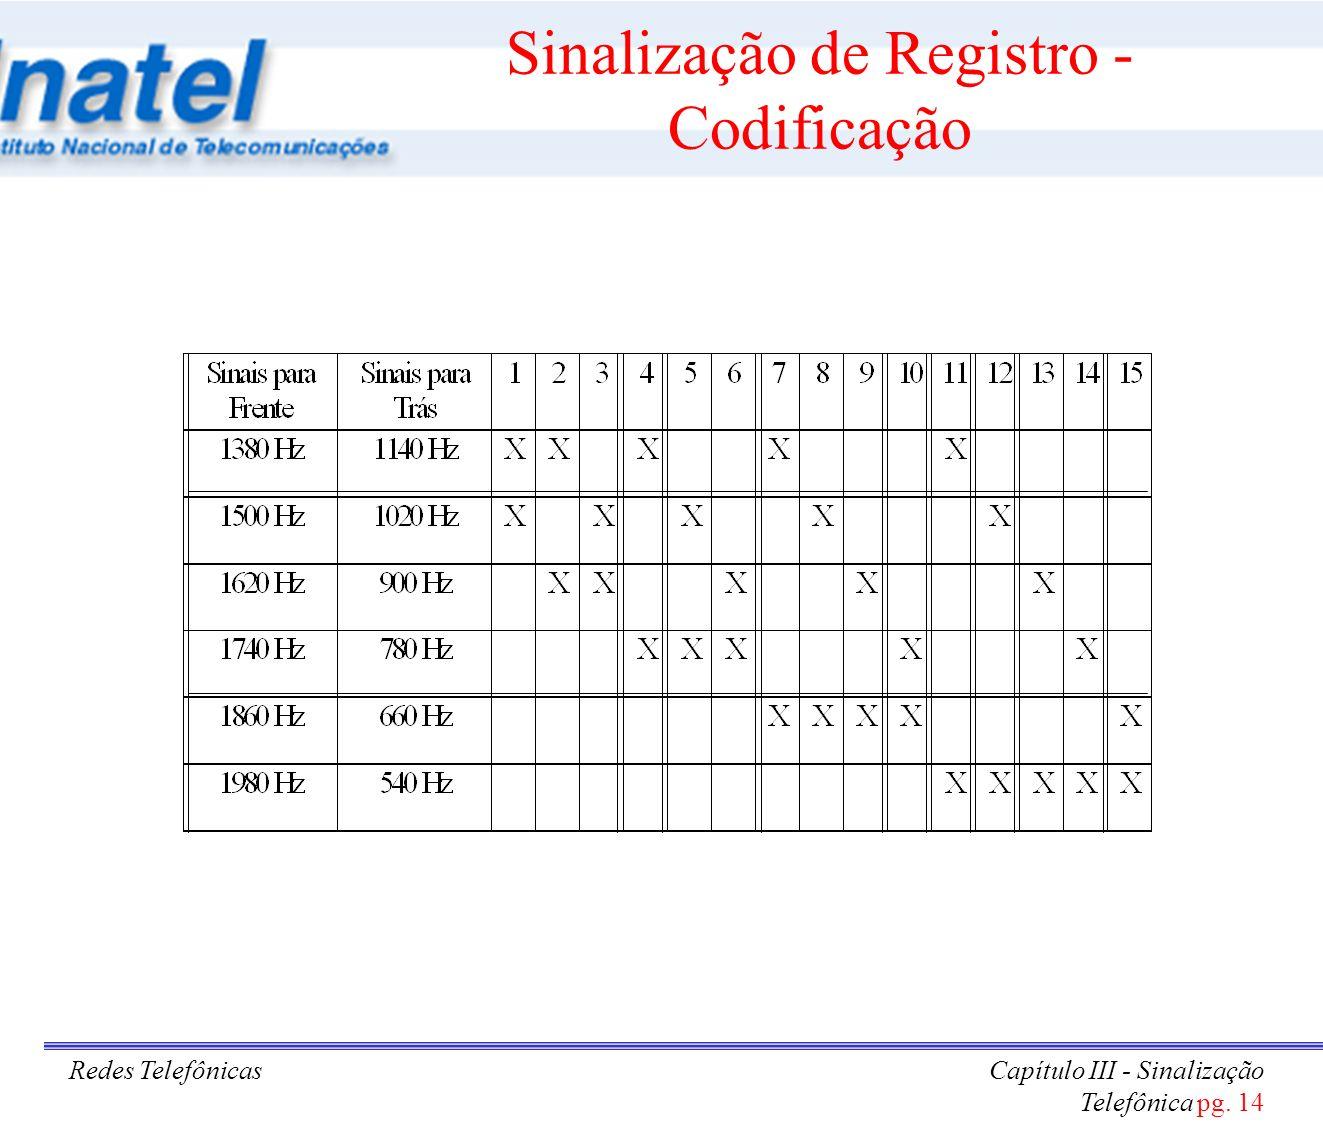 Sinalização de Registro - Codificação